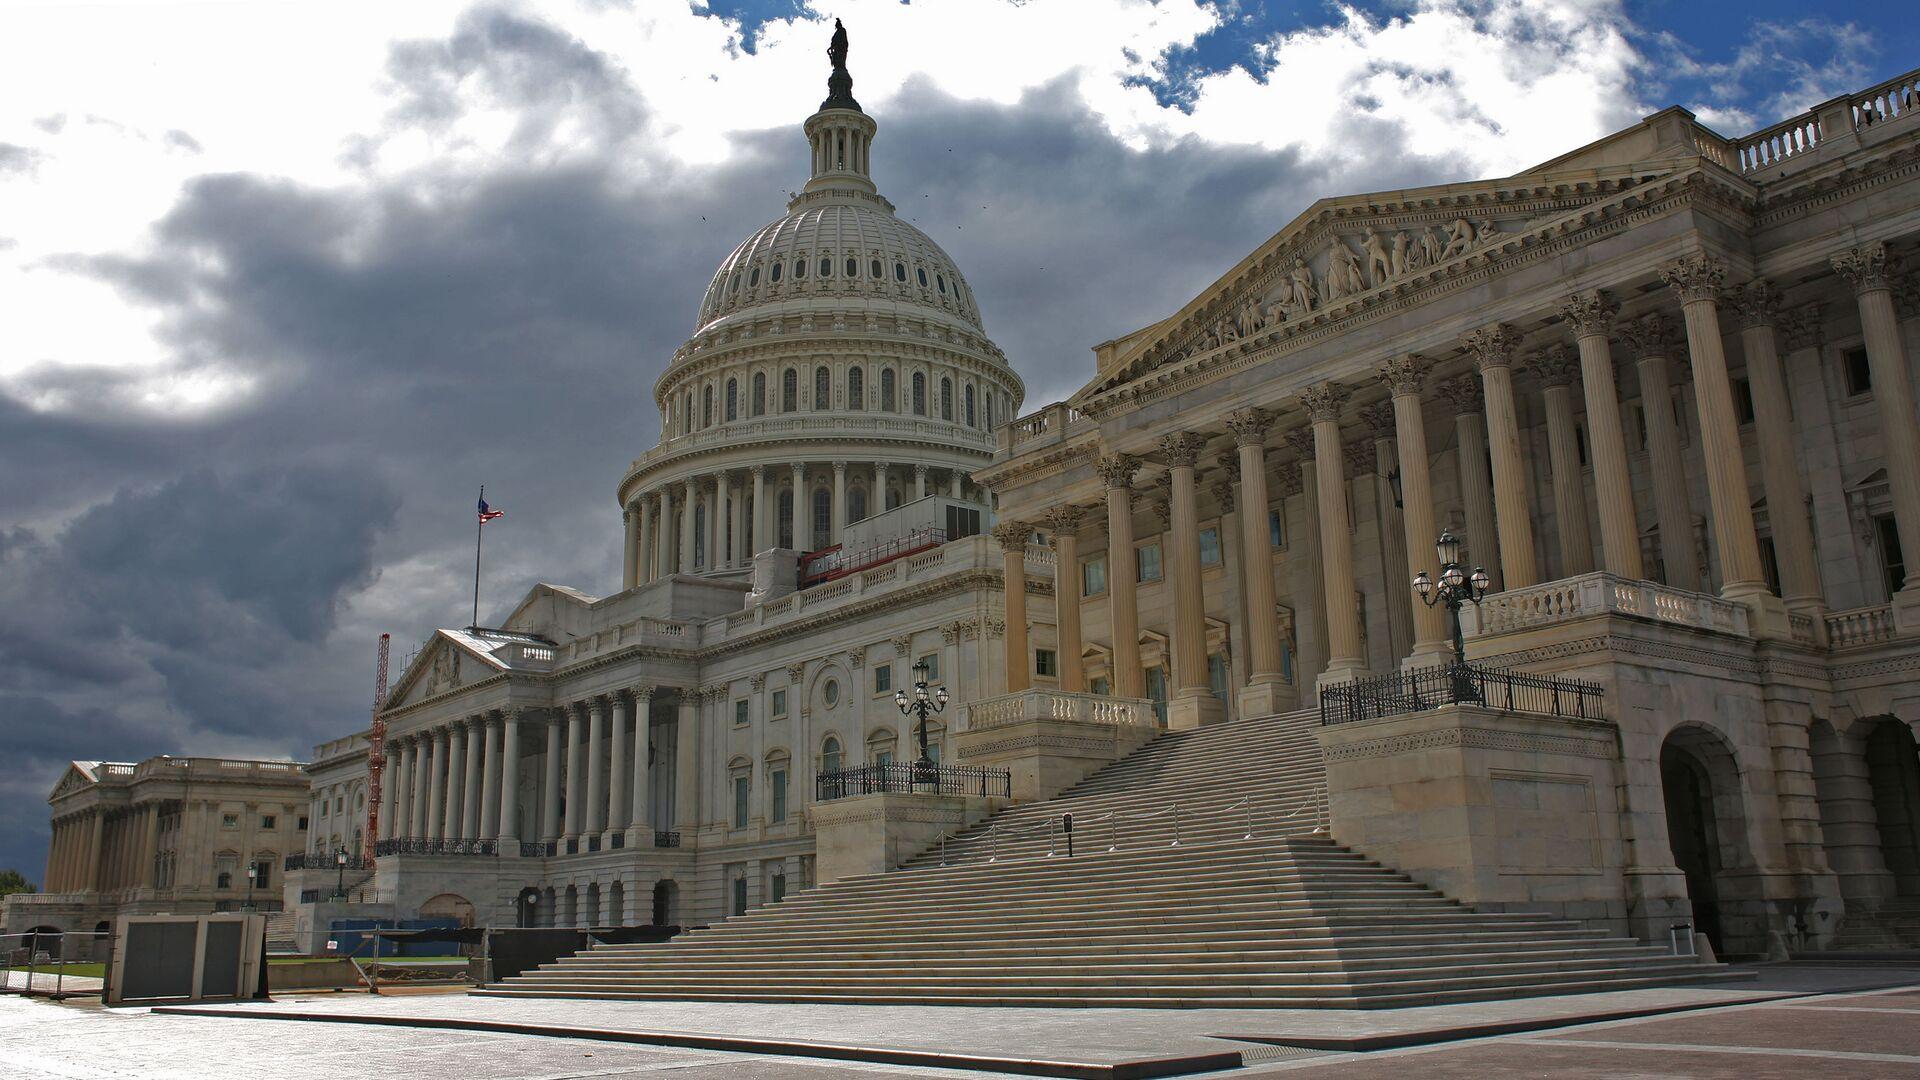 Здание Капитолия в США - Sputnik Грузия, 1920, 13.10.2021